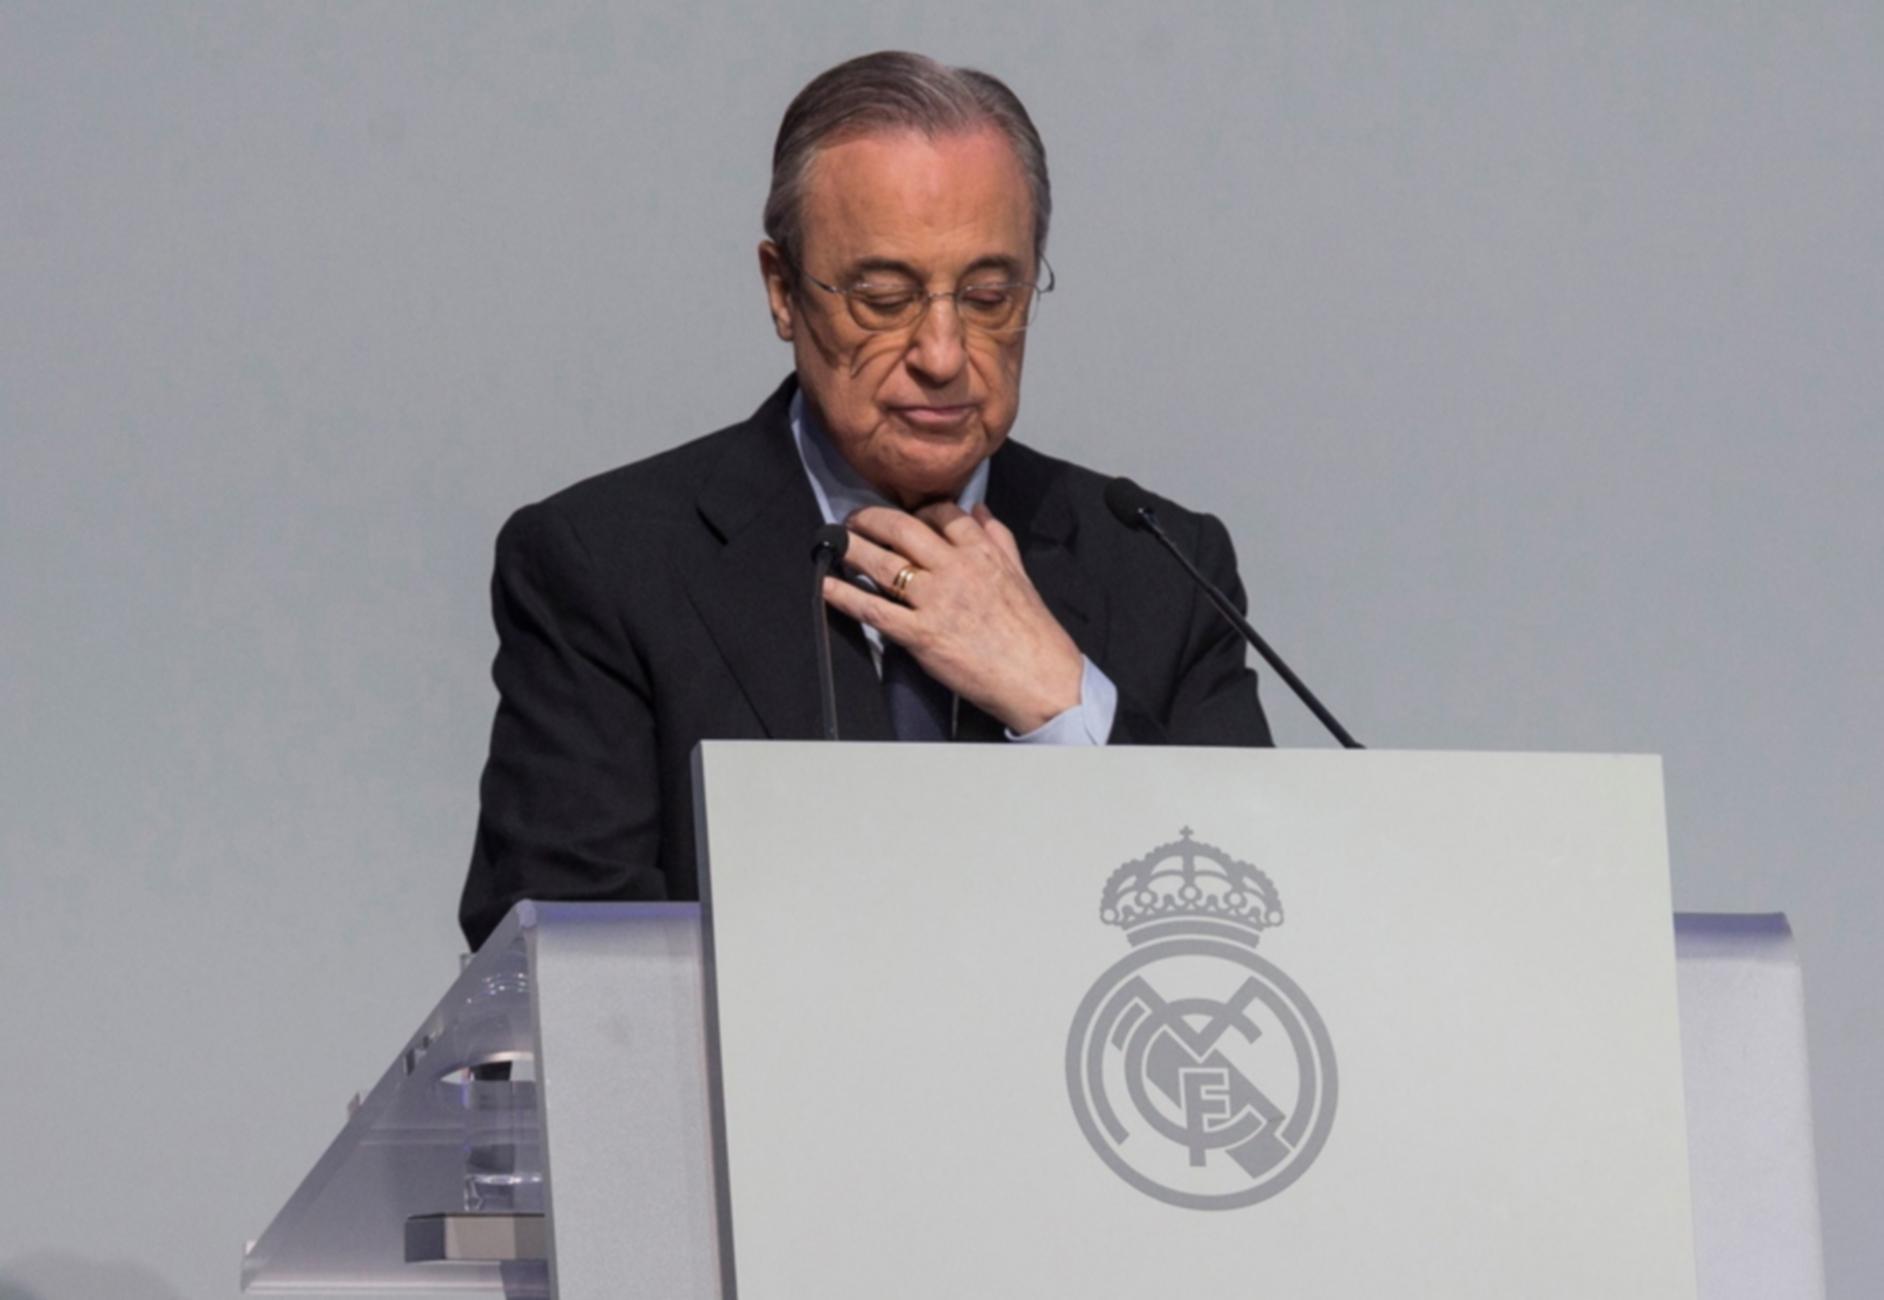 Πρώτοι «τριγμοί» στη European Super League: «Δεν υπογράψαμε κάτι τέτοιο»